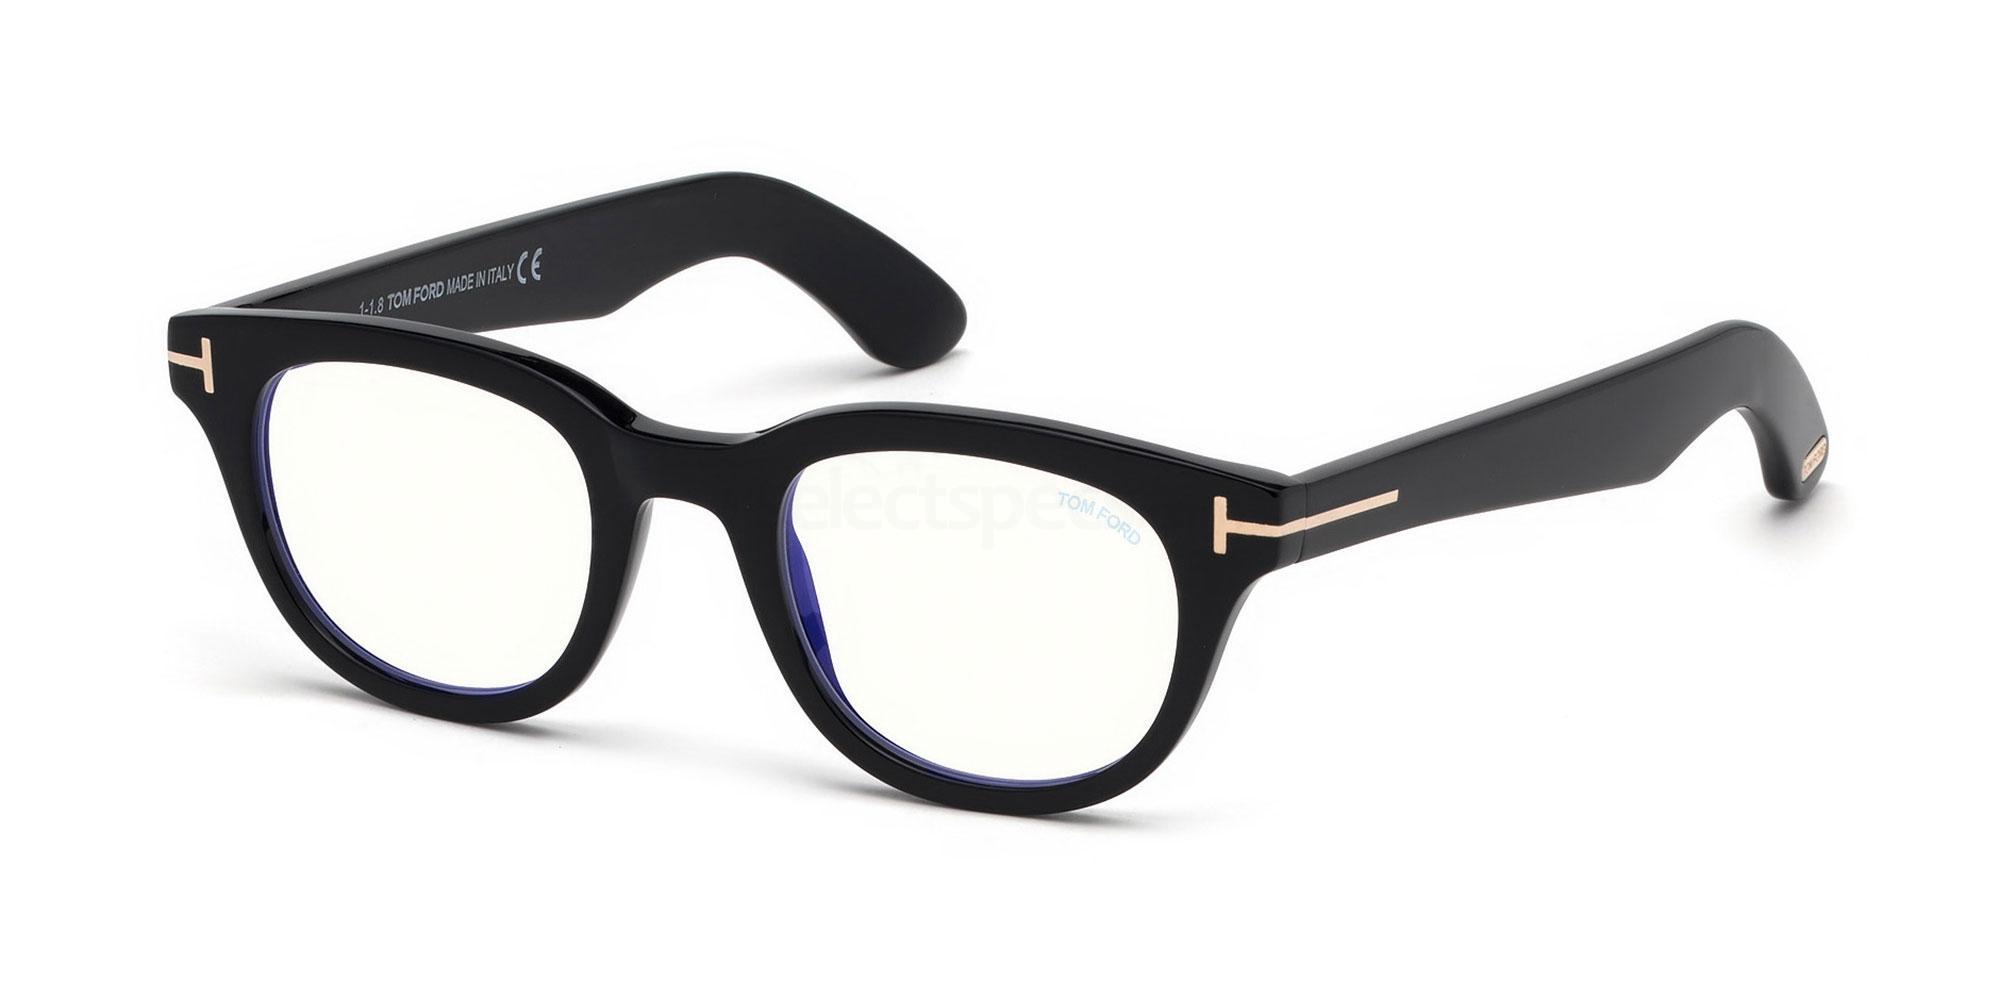 001 FT5558-B Glasses, Tom Ford